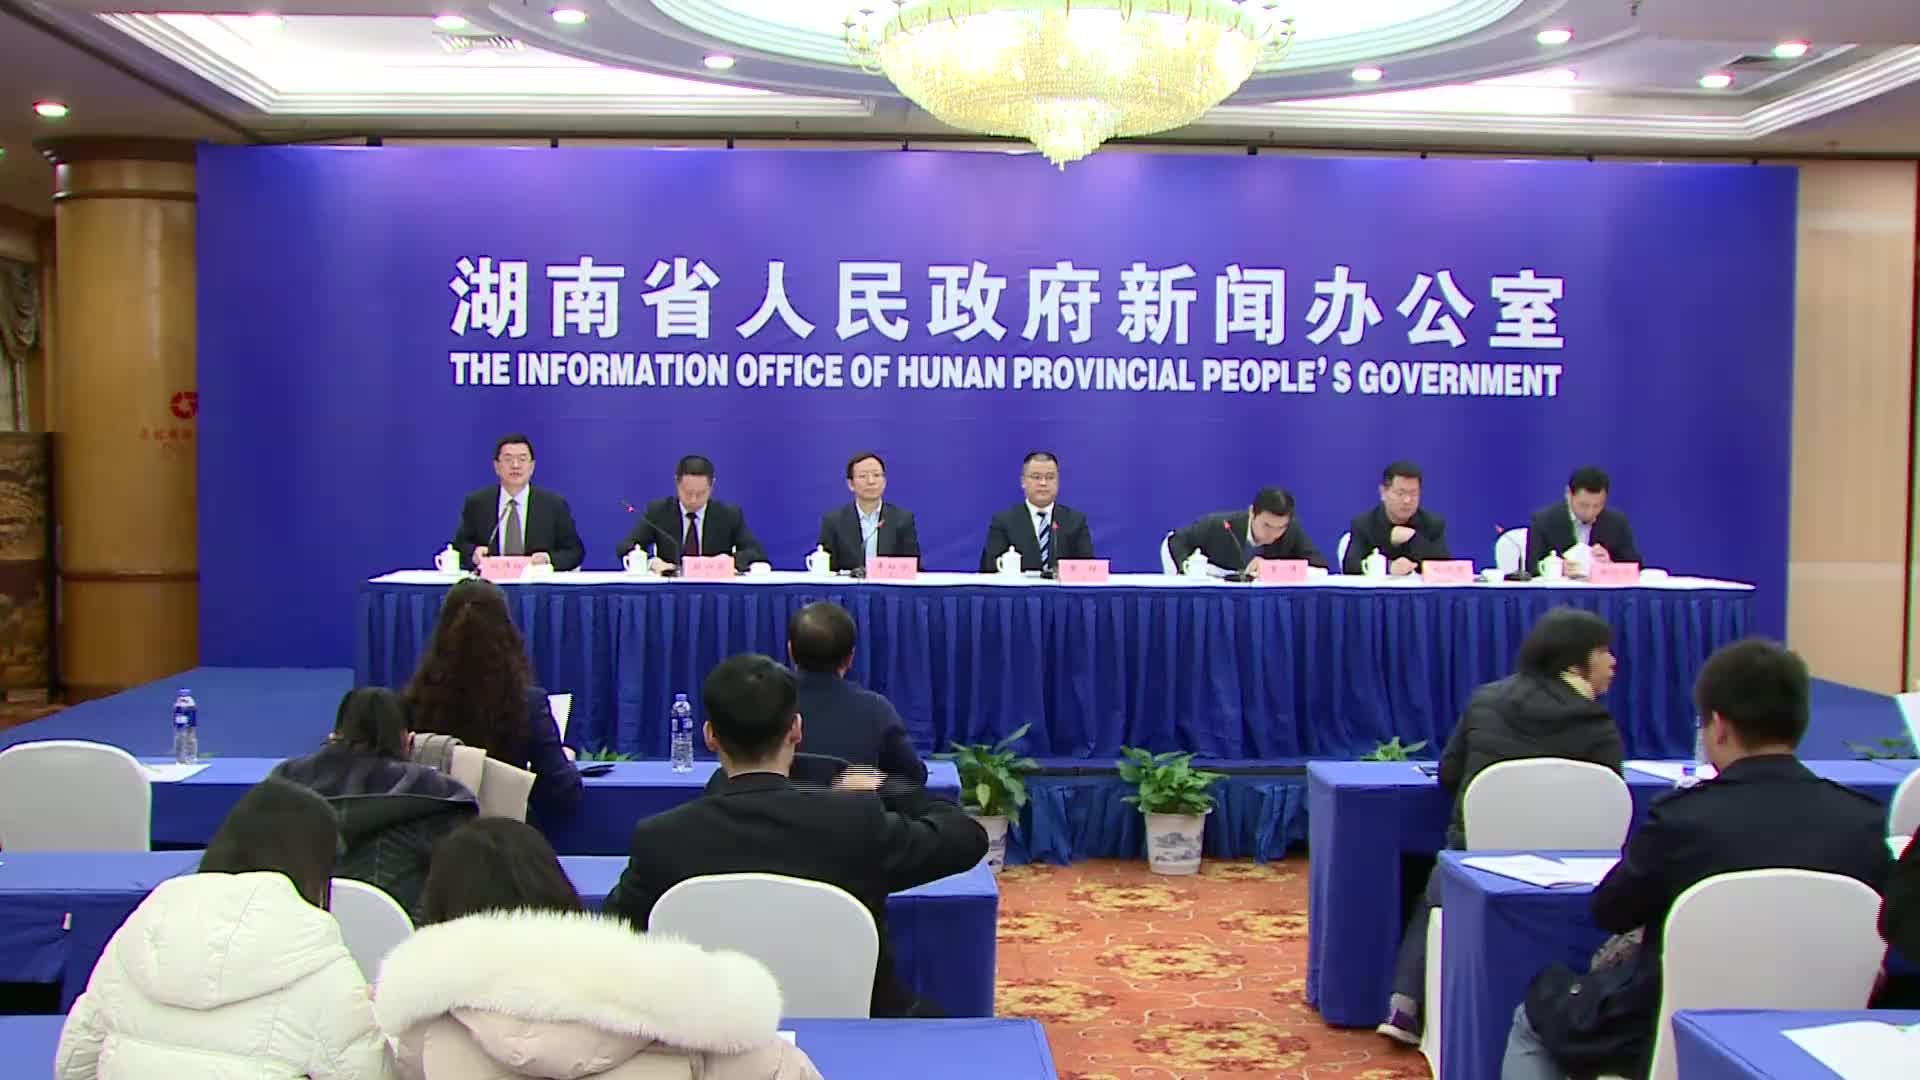 【全程回放】湖南省银行业金融机构支持民营经济和小微企业发展政策措施新闻发布会